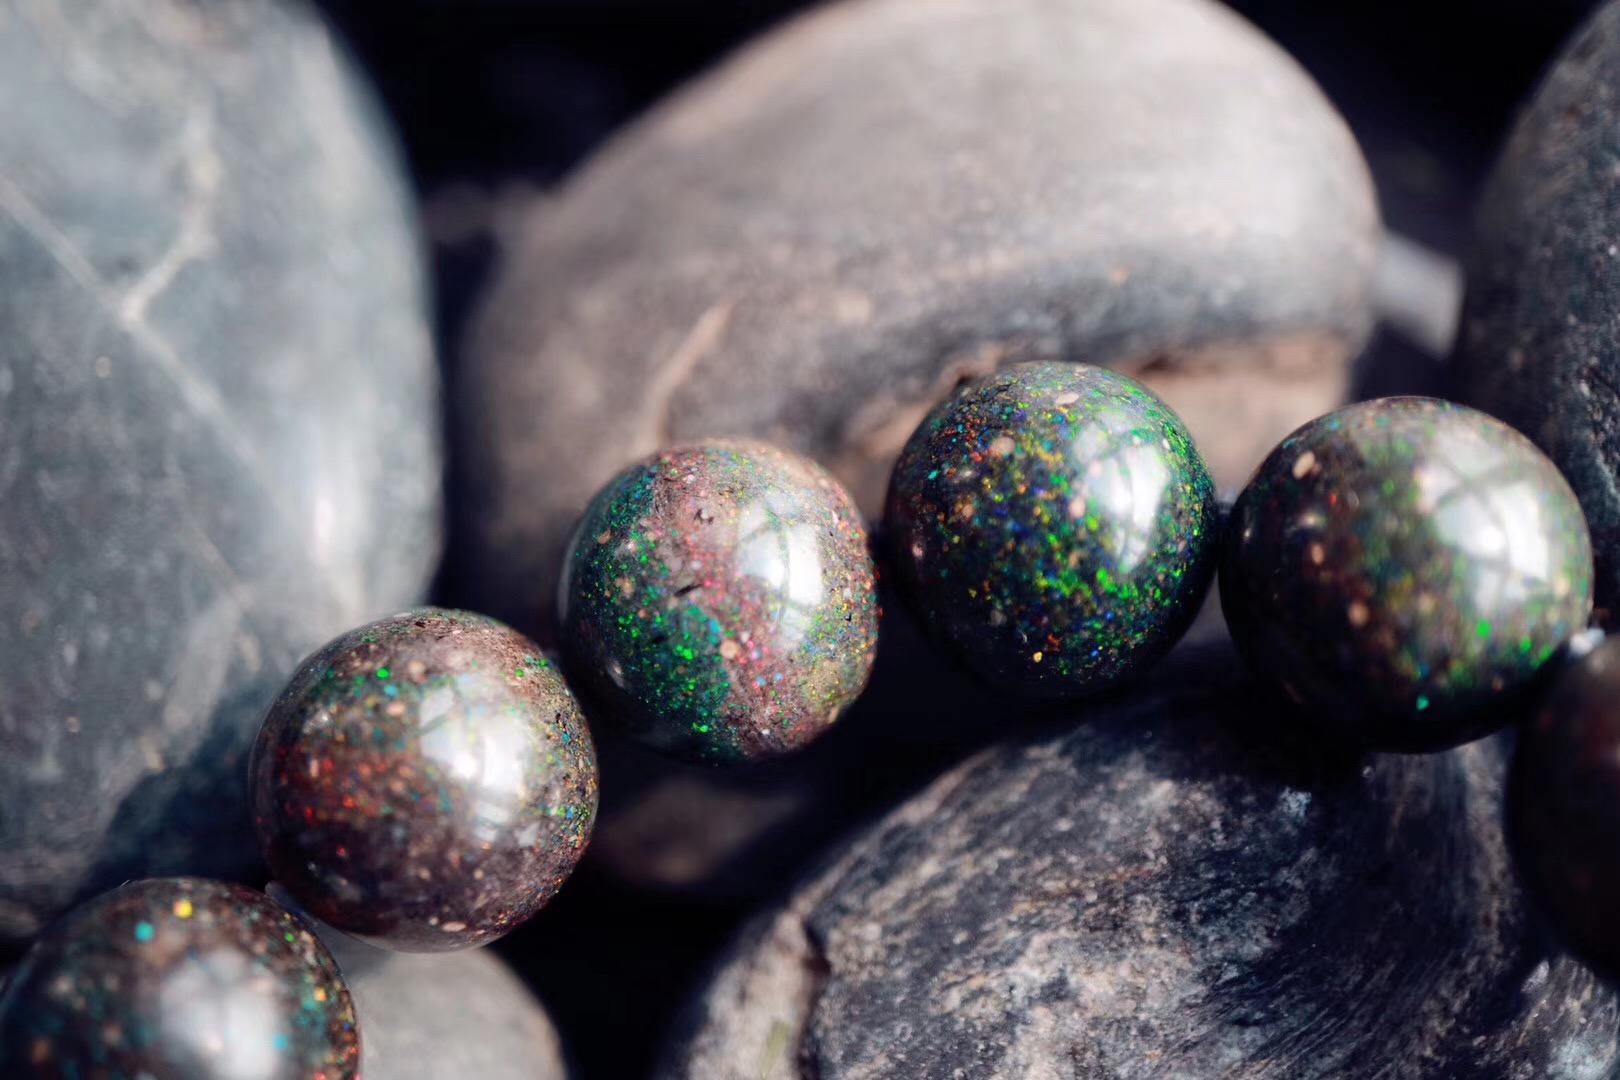 【极品欧泊13.5mm】色彩斑斓,浑然一体,美得目眩神迷-菩心晶舍